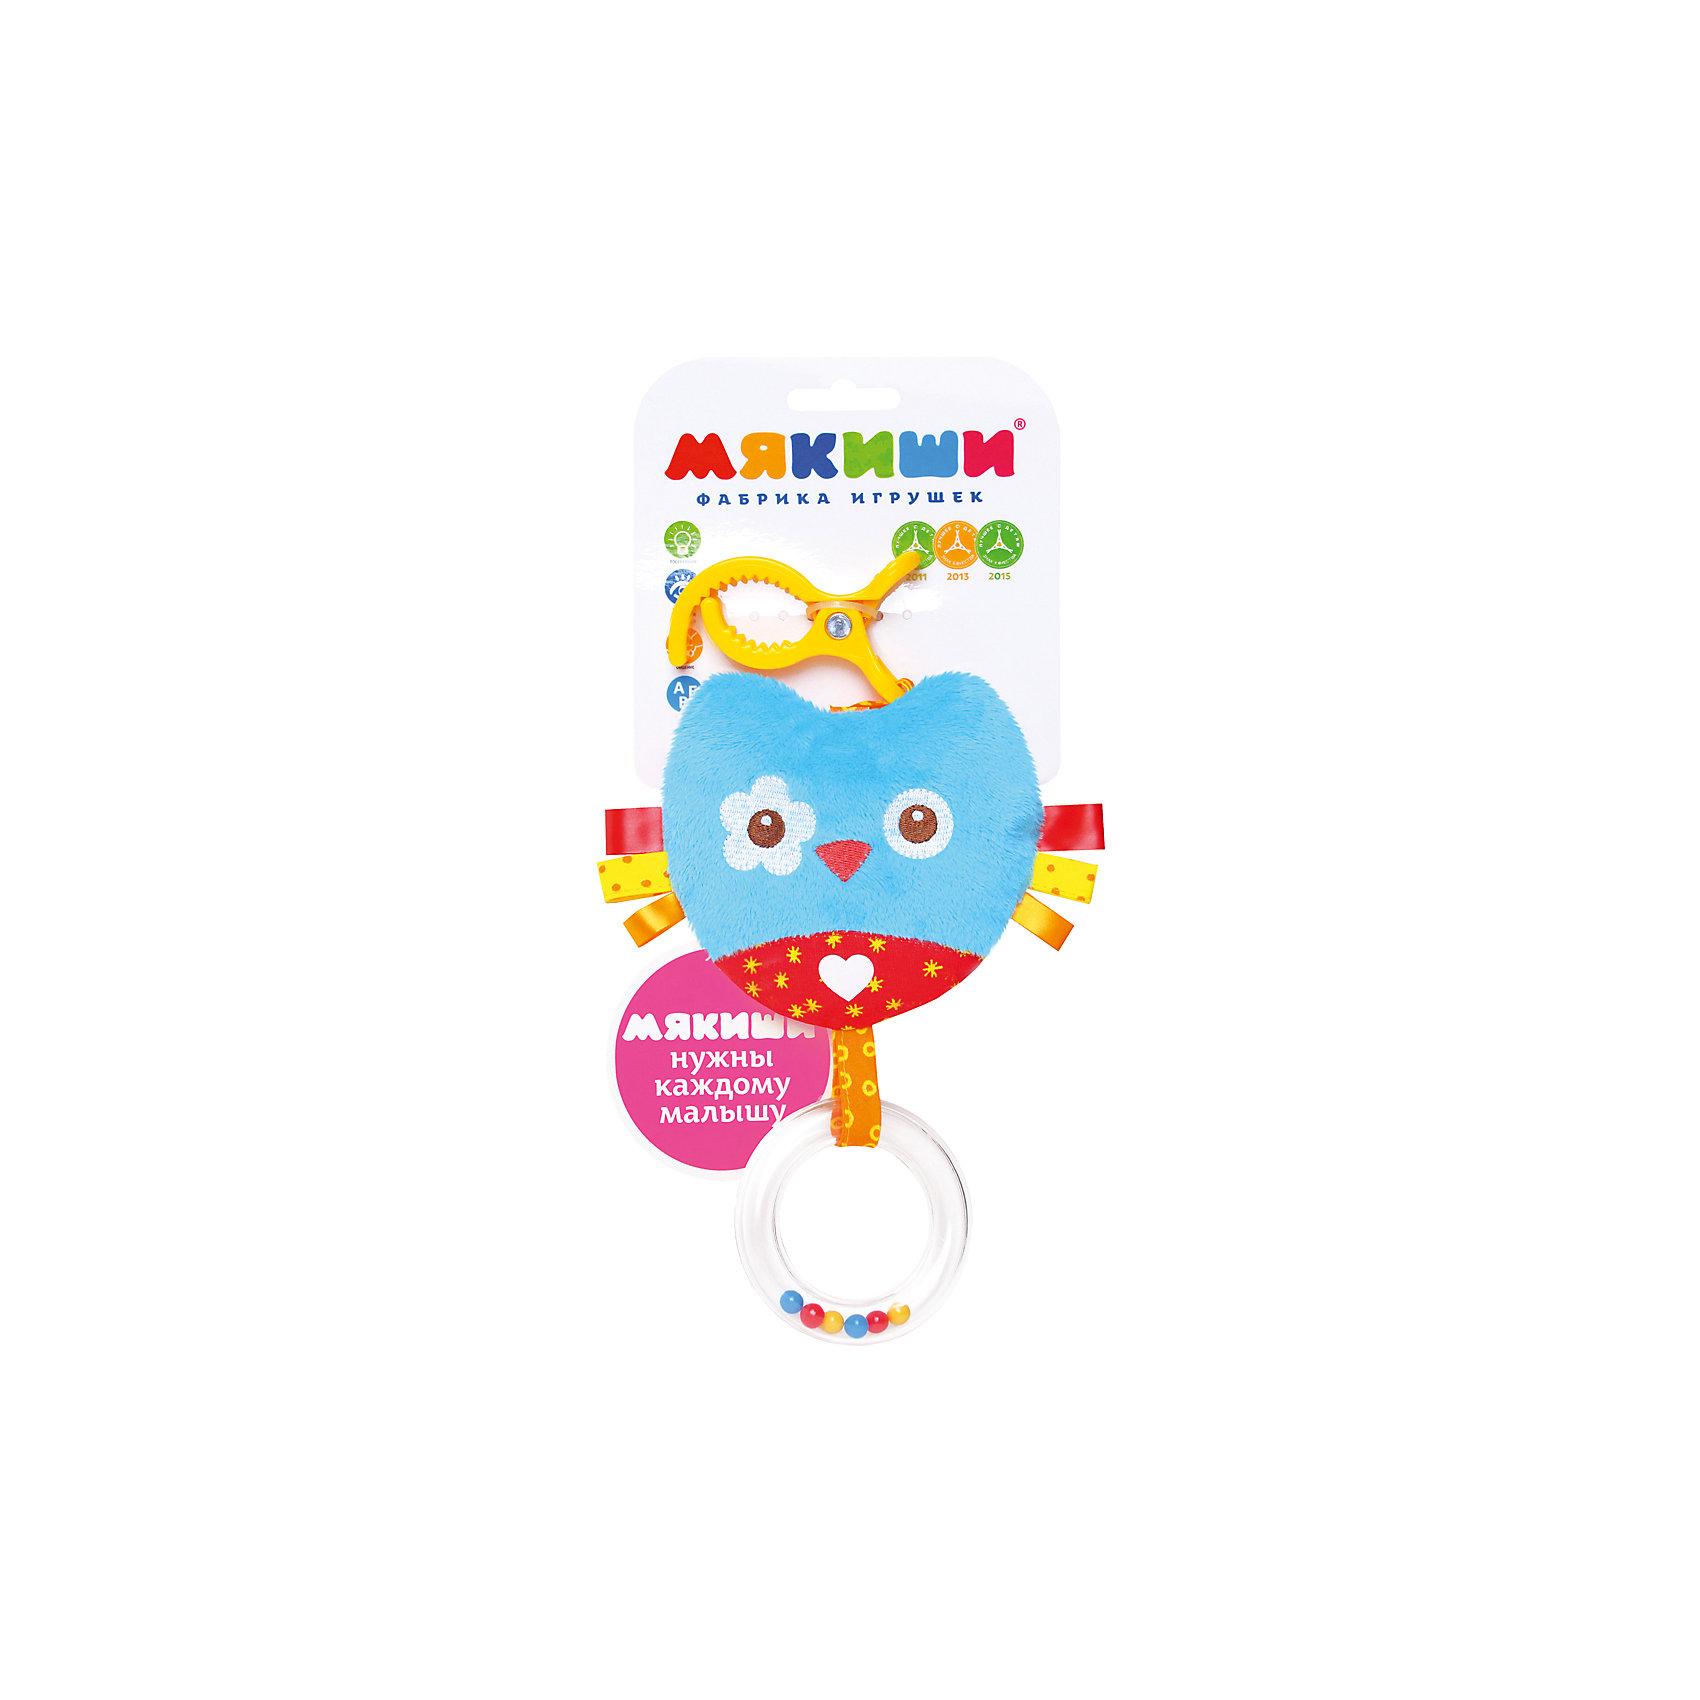 Подвеска Сова, МякишиМягкие игрушки<br>Характеристики товара:<br><br>• материал: разнофактурный текстиль, холлофайбер<br>• комплектация: 1 шт<br>• размер игрушки: 16х29х4 см<br>• звуковой элемент<br>• клипса для крепления<br>• прорезыватель<br>• развивающая игрушка<br>• упаковка: ламинированный картонный холдер<br>• страна бренда: РФ<br>• страна изготовитель: РФ<br><br>Малыши активно познают мир и тянутся к новой информации. Чтобы сделать процесс изучения окружающего пространства интереснее, ребенку можно подарить развивающие игрушки. В процессе игры информация усваивается намного лучше!<br>Такие игрушки помогут занять малыша, играть ими приятно и весело. Одновременно они позволят познакомиться со многими цветами, фактурами, а также научиться извлекать звук. Подобные игрушки развивают тактильные ощущения, моторику, цветовосприятие, логику, воображение, учат фокусировать внимание. Каждое изделие абсолютно безопасно – оно создано из качественной ткани с мягким наполнителем. Игрушки производятся из качественных и проверенных материалов, которые безопасны для детей.<br><br>Подвеску Сова от бренда Мякиши можно купить в нашем интернет-магазине.<br><br>Ширина мм: 320<br>Глубина мм: 150<br>Высота мм: 40<br>Вес г: 40<br>Возраст от месяцев: 12<br>Возраст до месяцев: 36<br>Пол: Унисекс<br>Возраст: Детский<br>SKU: 5183210